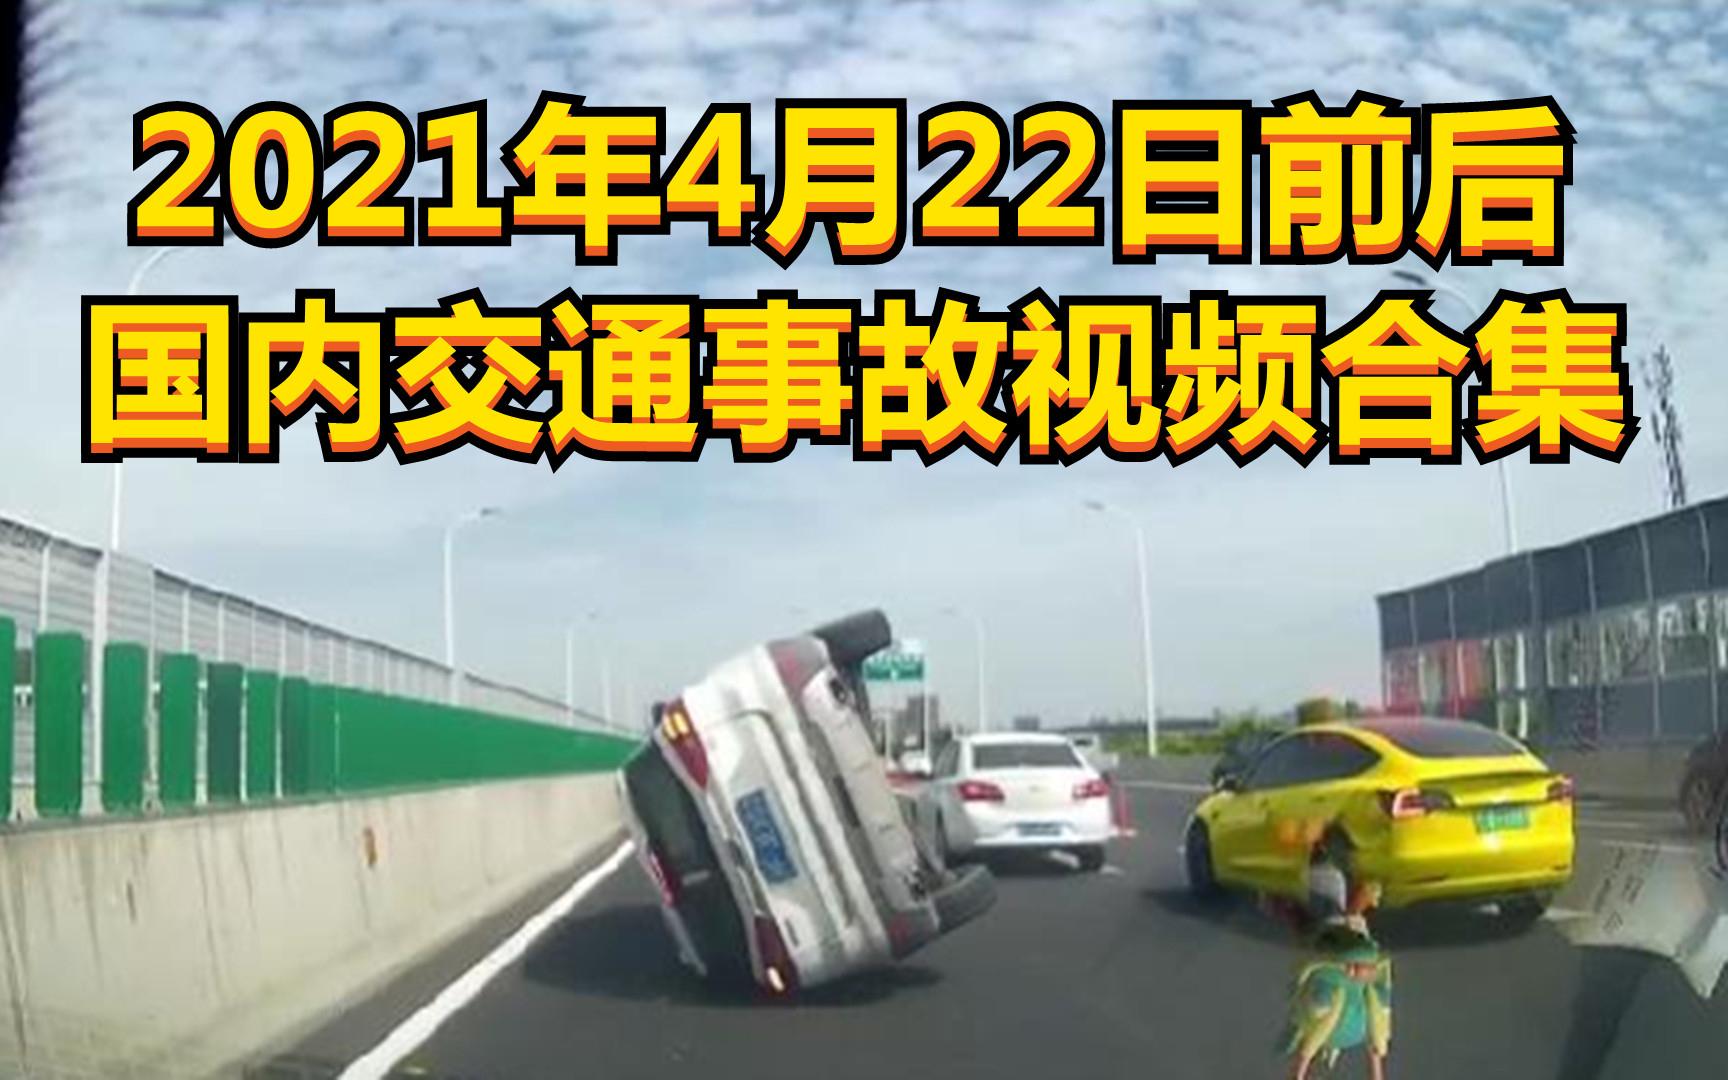 2021年4月22日前后国内交通事故视频合集